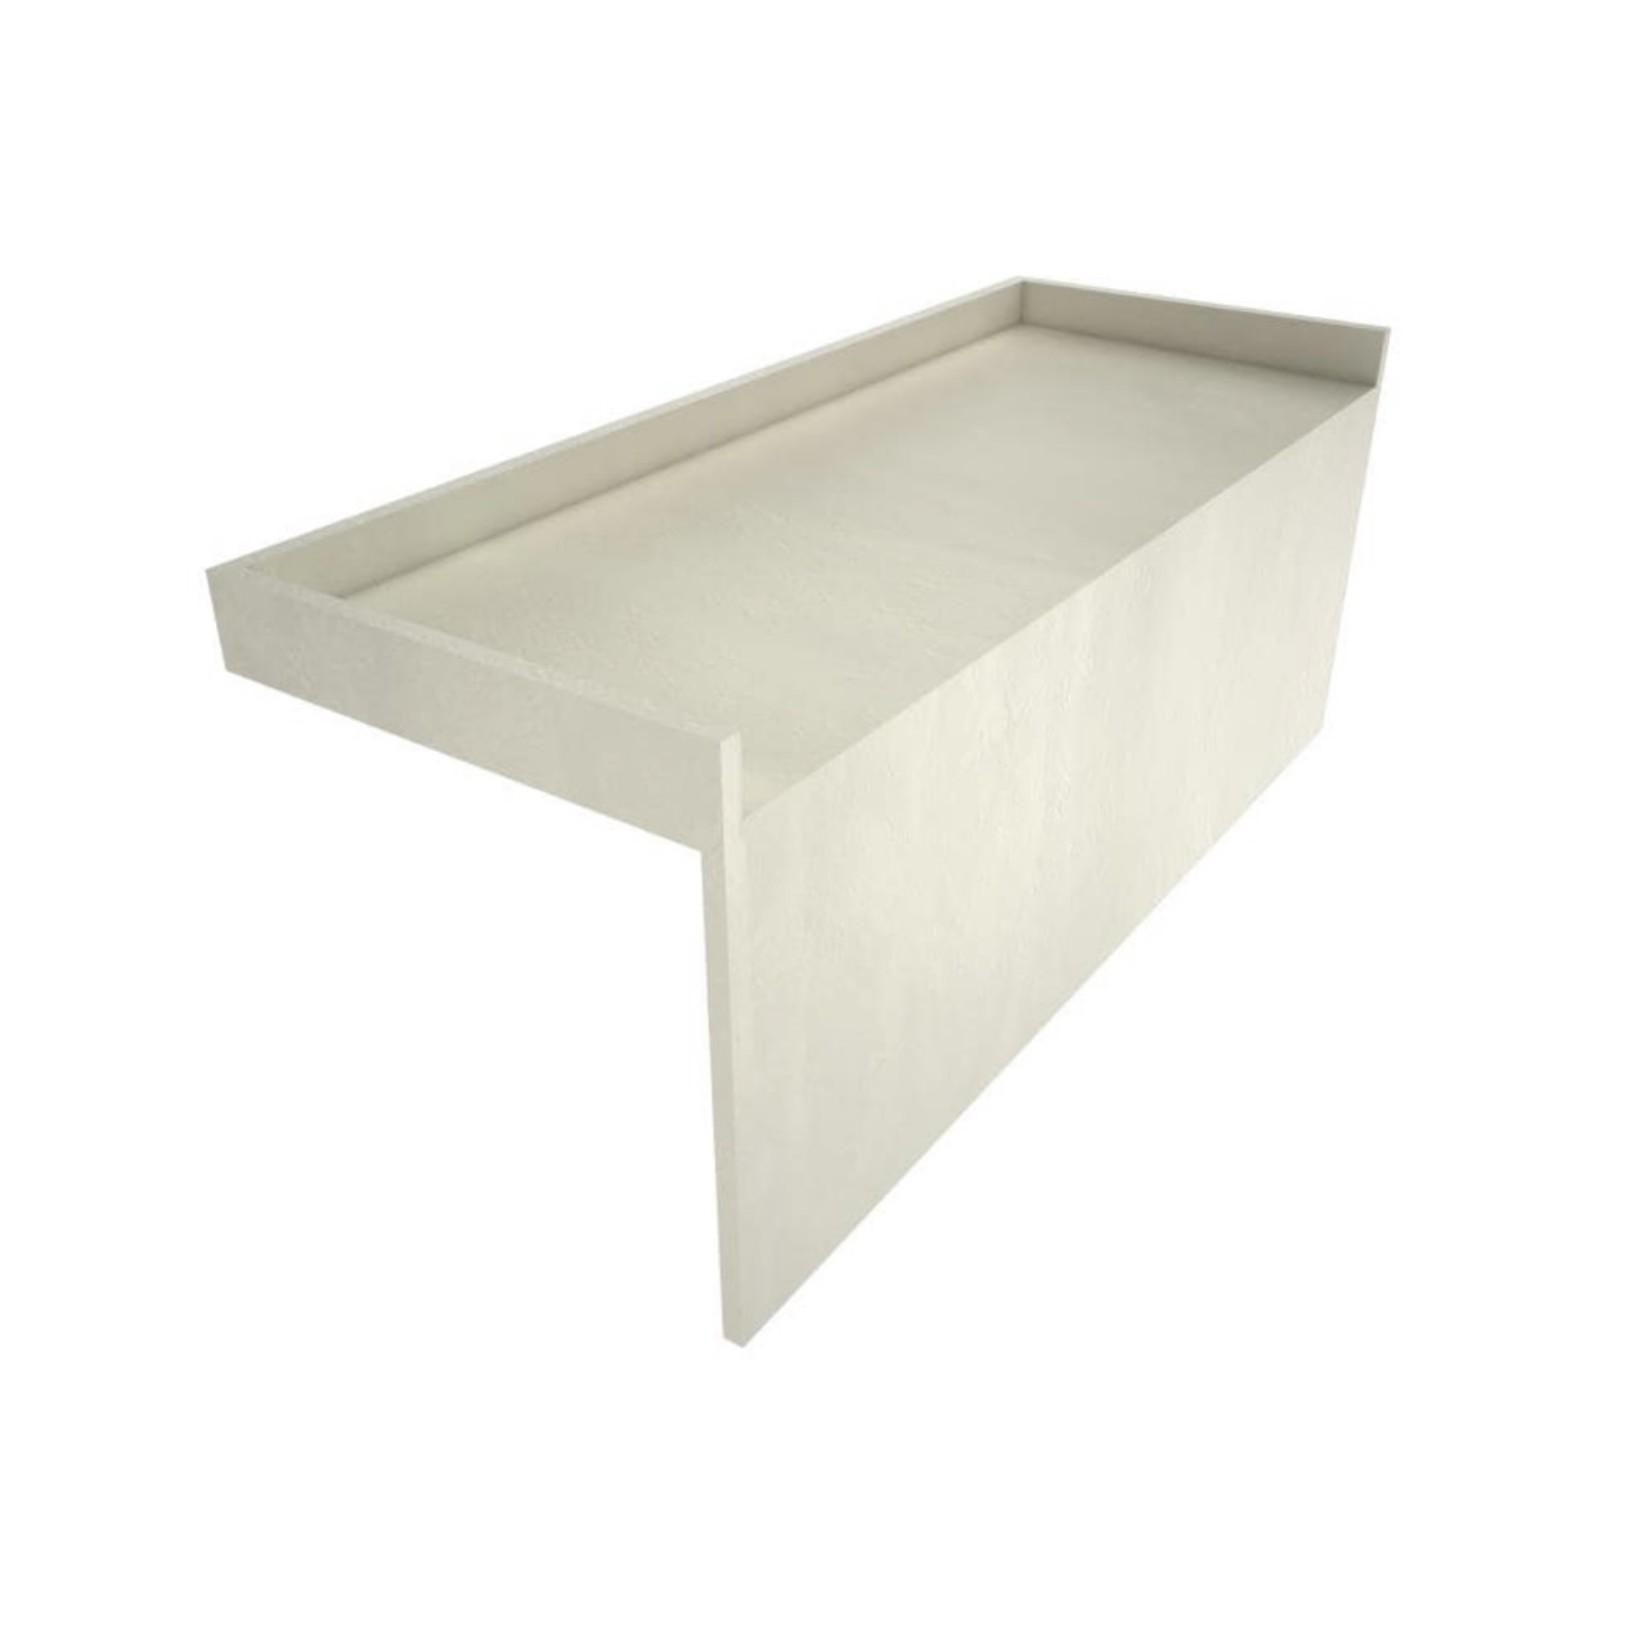 10242 Redi Bench Tile Over Shower Bench